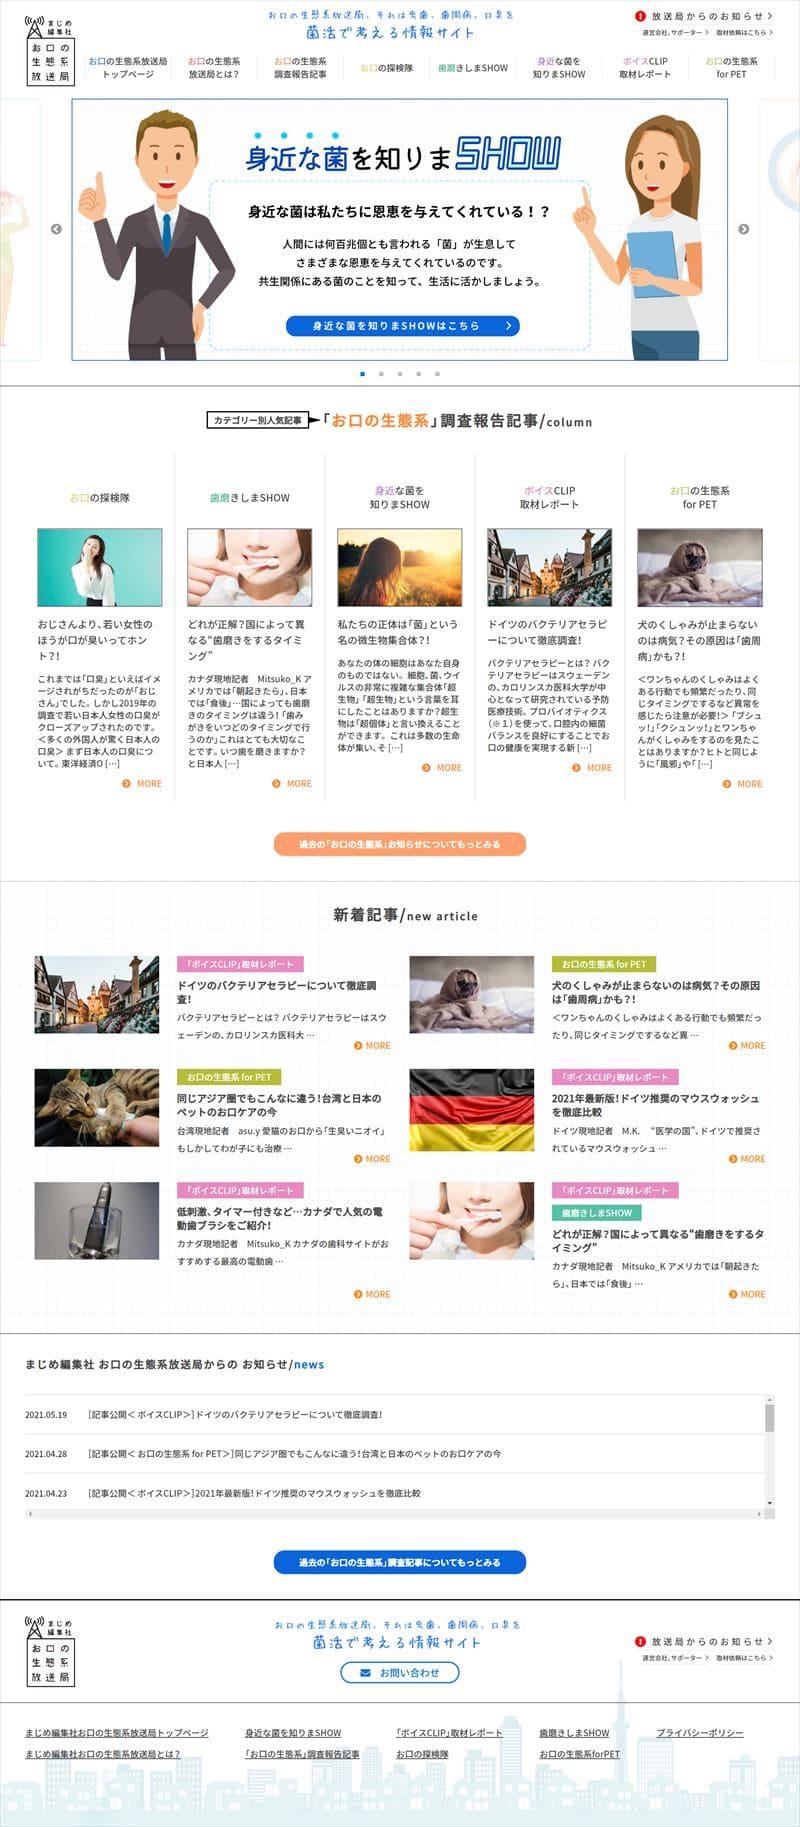 菌活で考える情報サイト